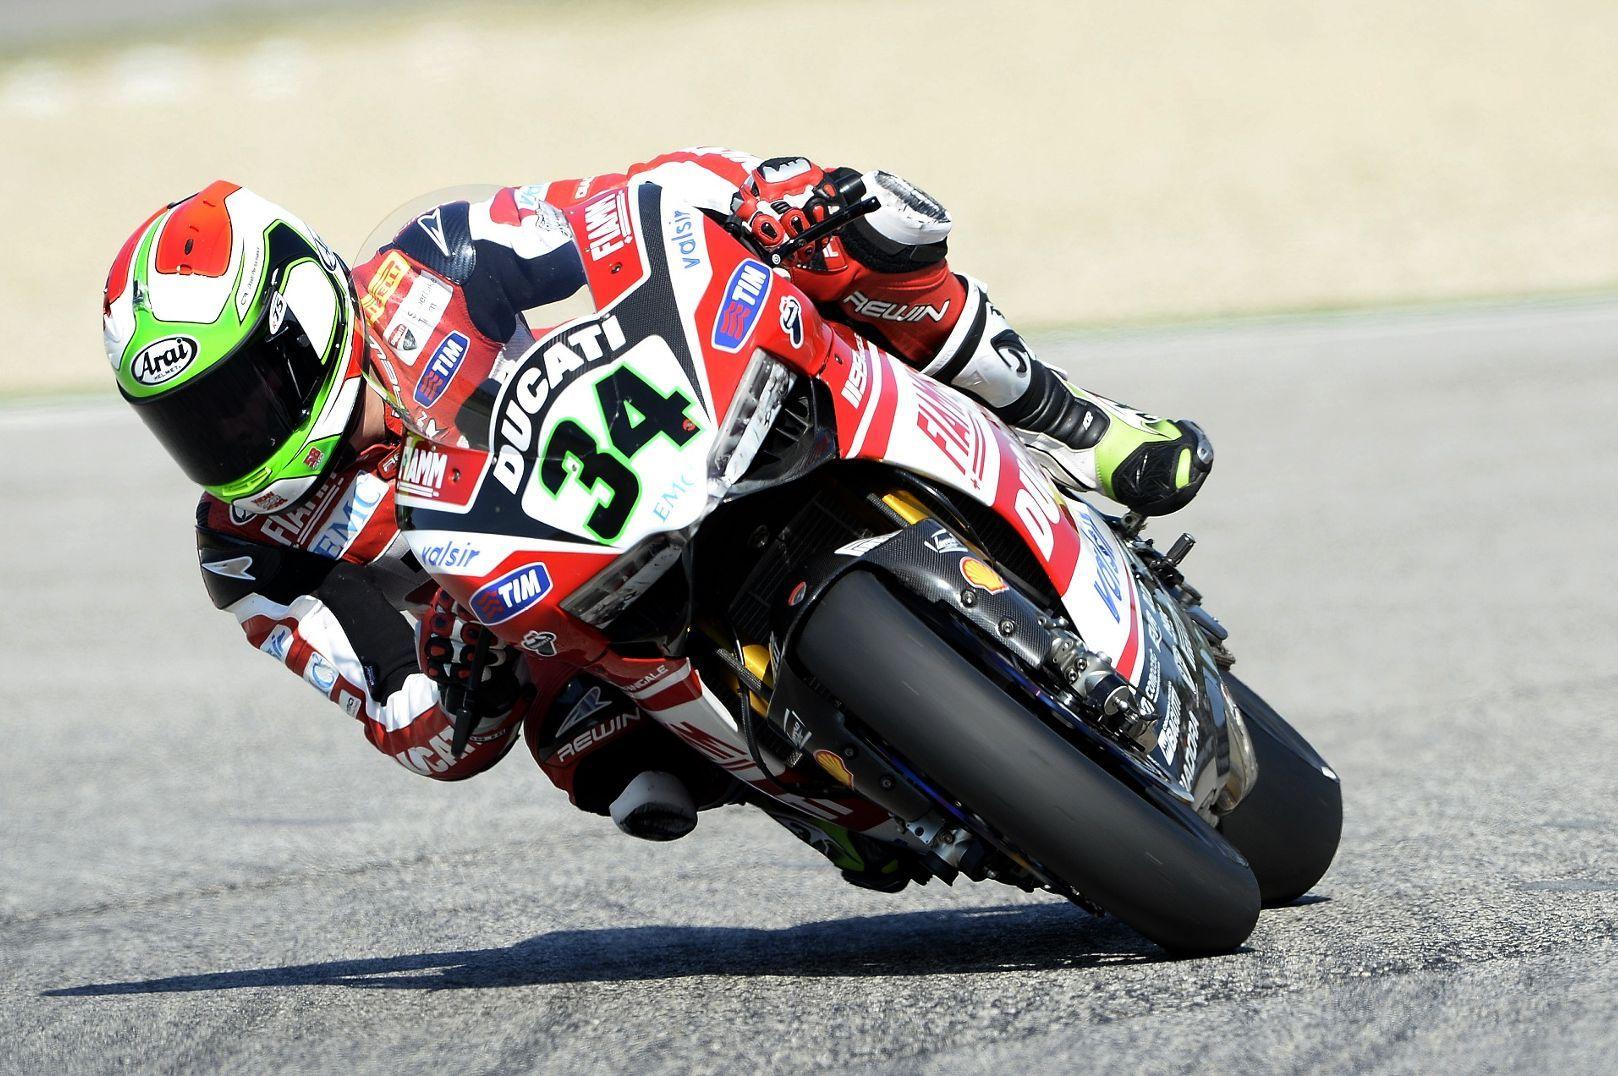 2014 Ducati 1199 PANIGALE | Davide Giugliano